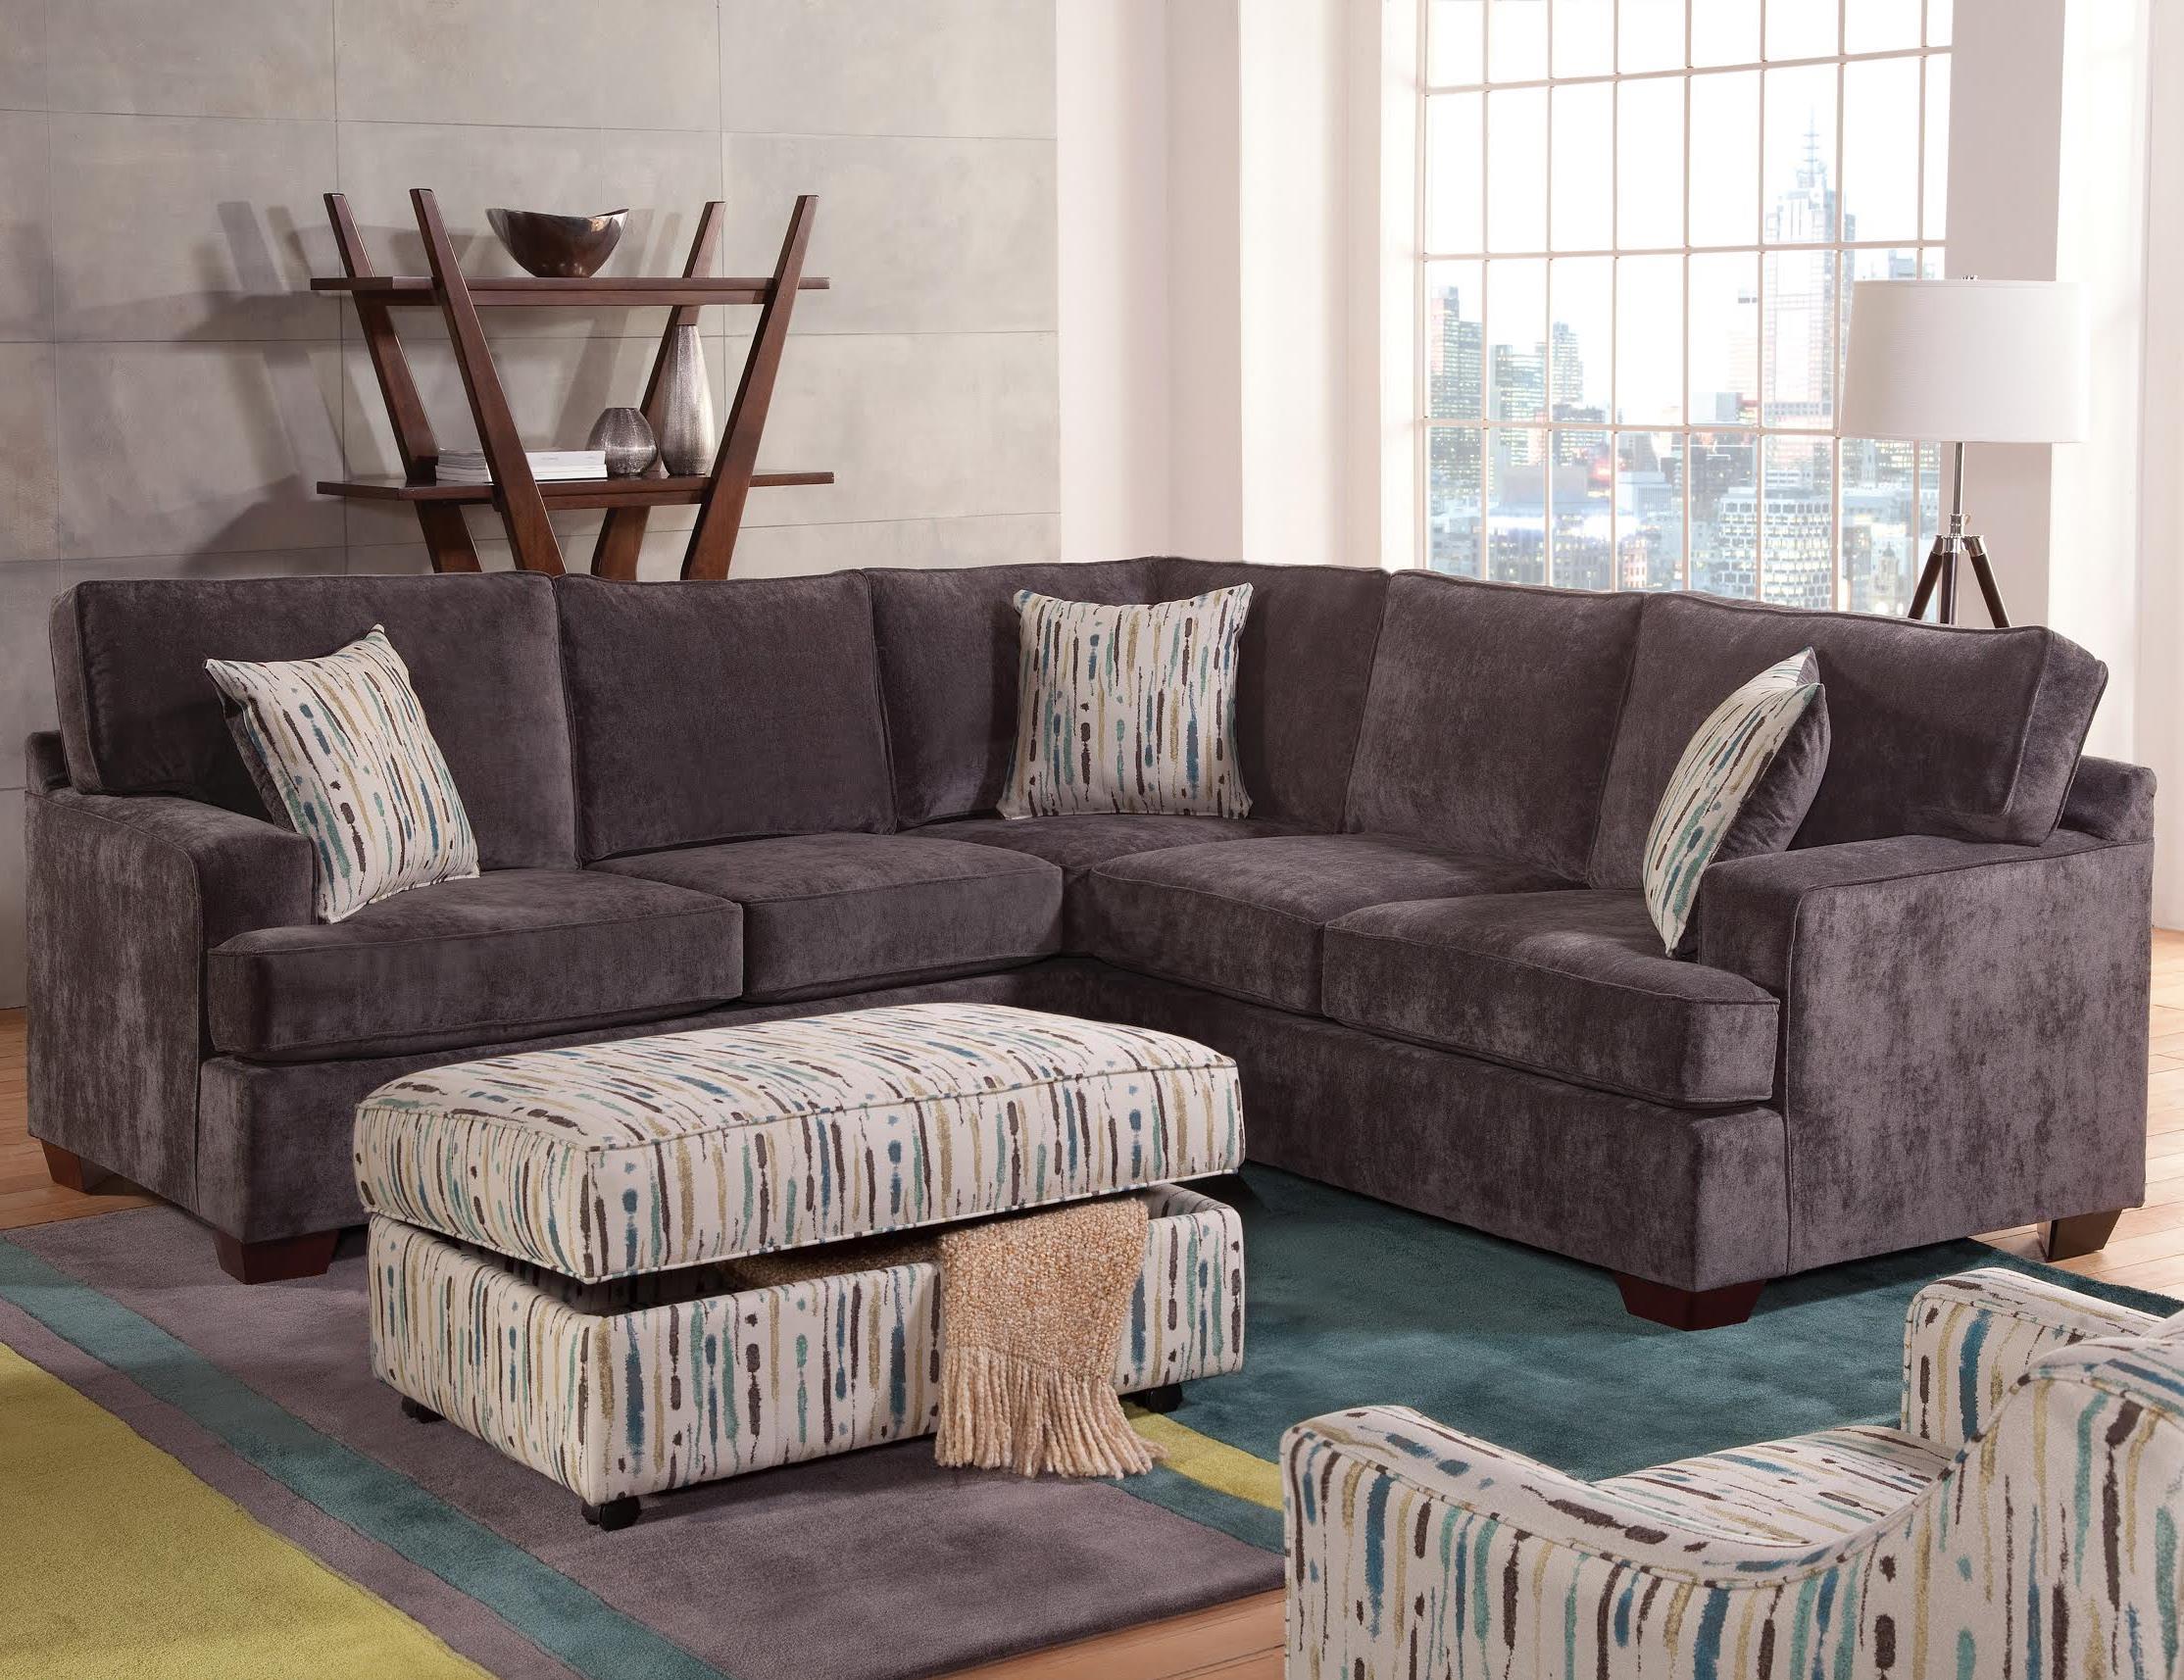 Belfort Essentials RosslynSectional Sofa